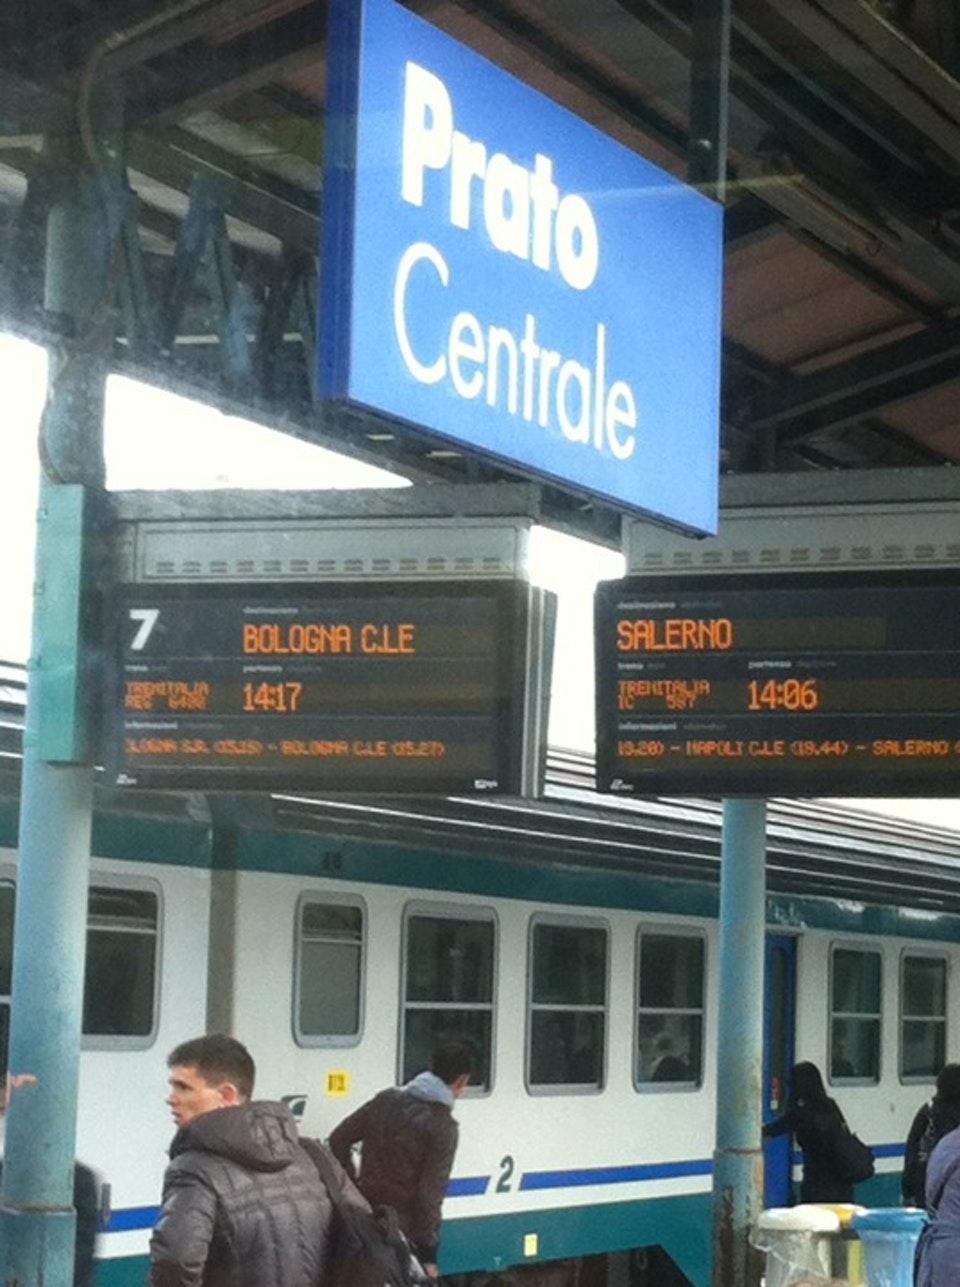 Potenziamento ferroviario Prato-Bologna, prosegue confronto Regione-Comuni-RFI